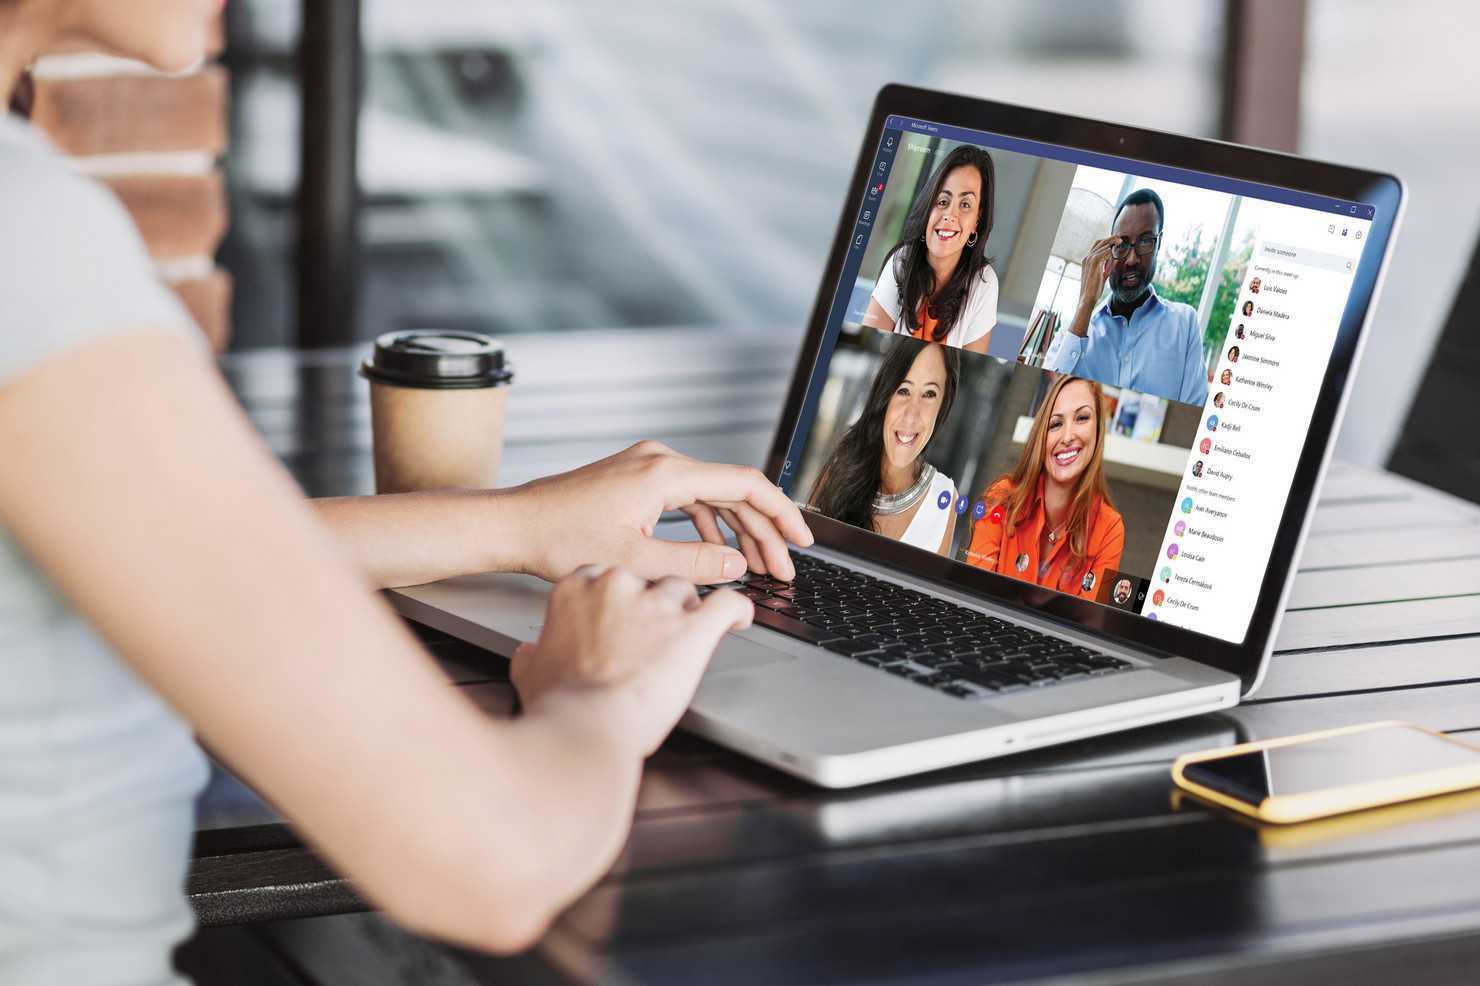 Appel vidéo sur un ordinateur portable avec Microsoft Teams